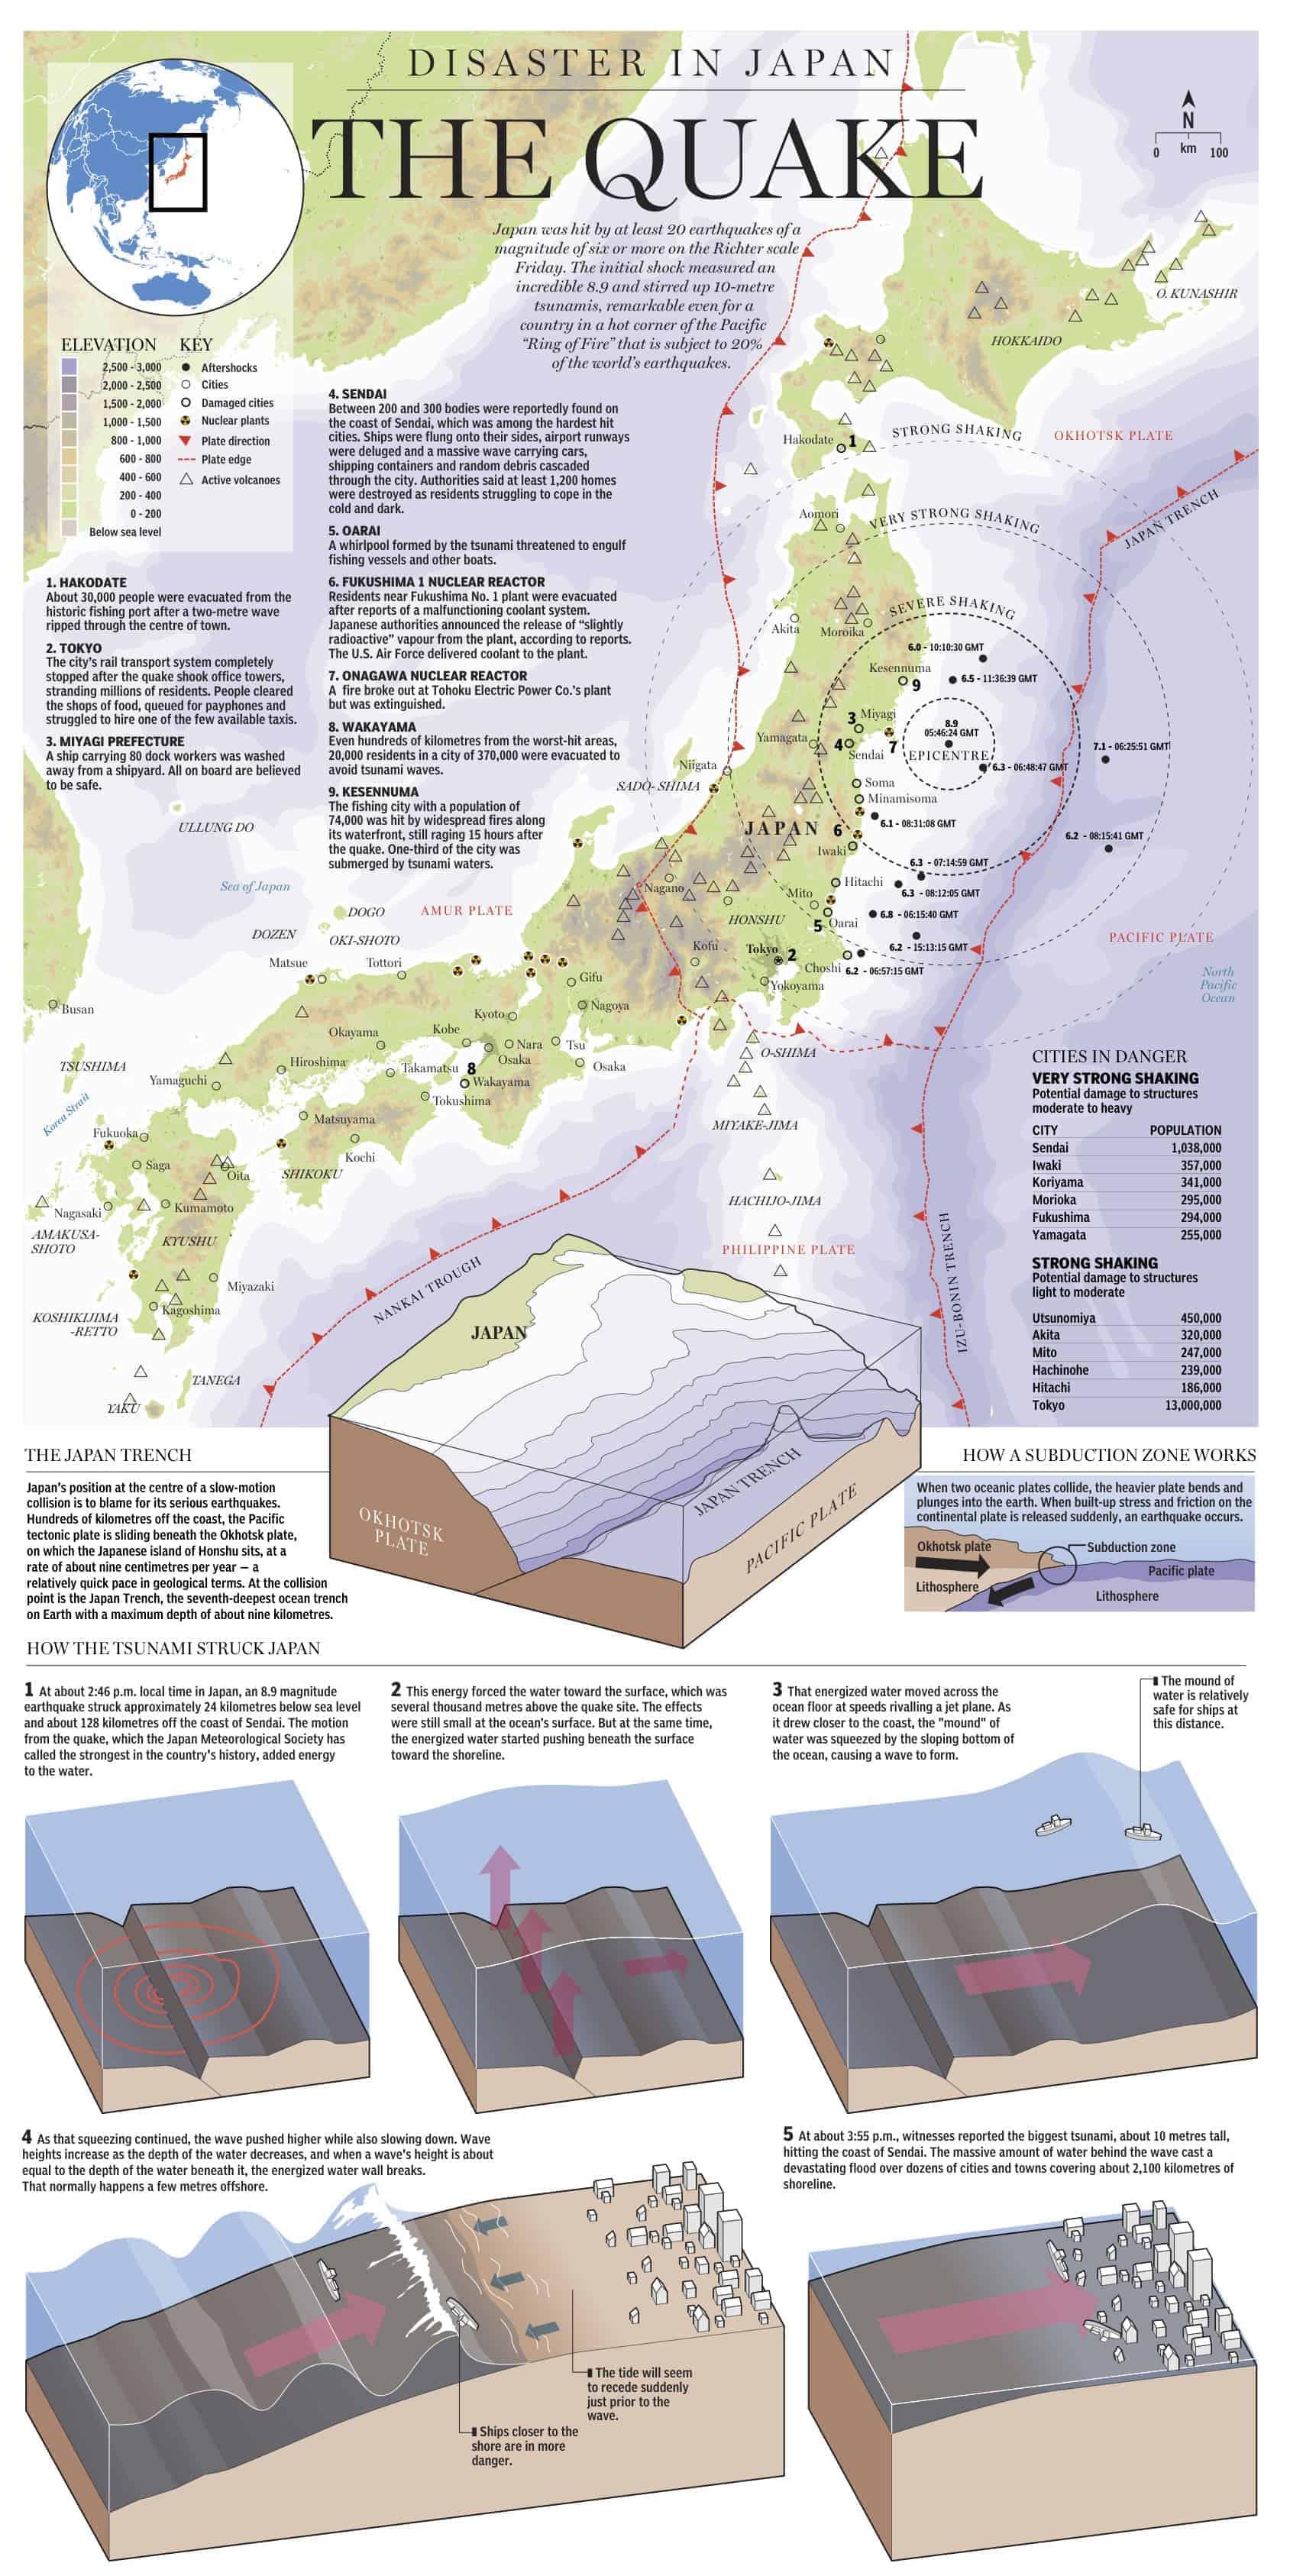 The Japan Quake